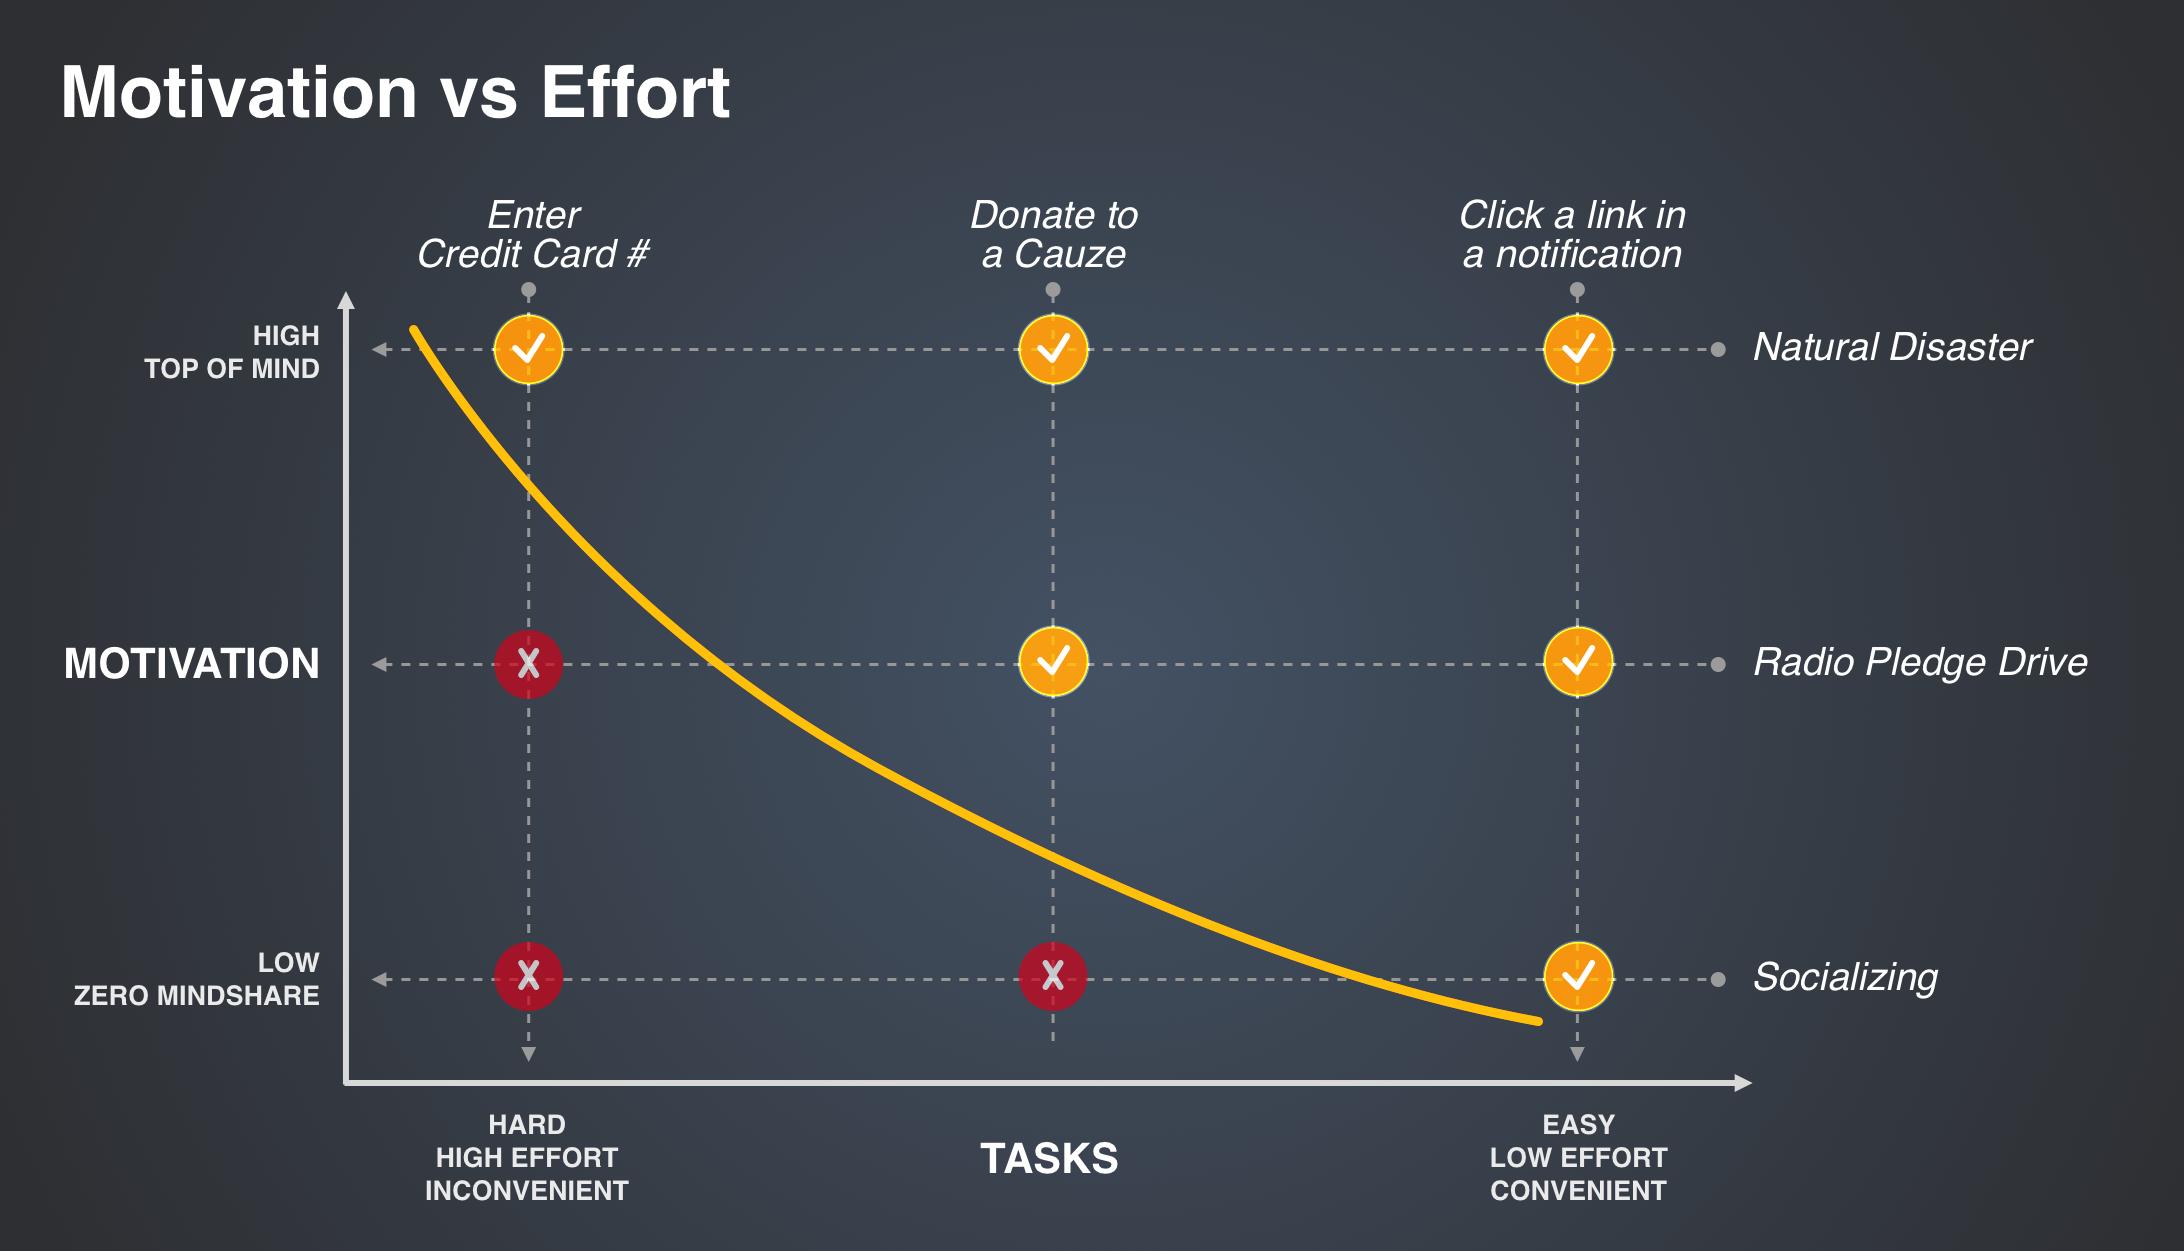 2b-Motivation-Effort.png